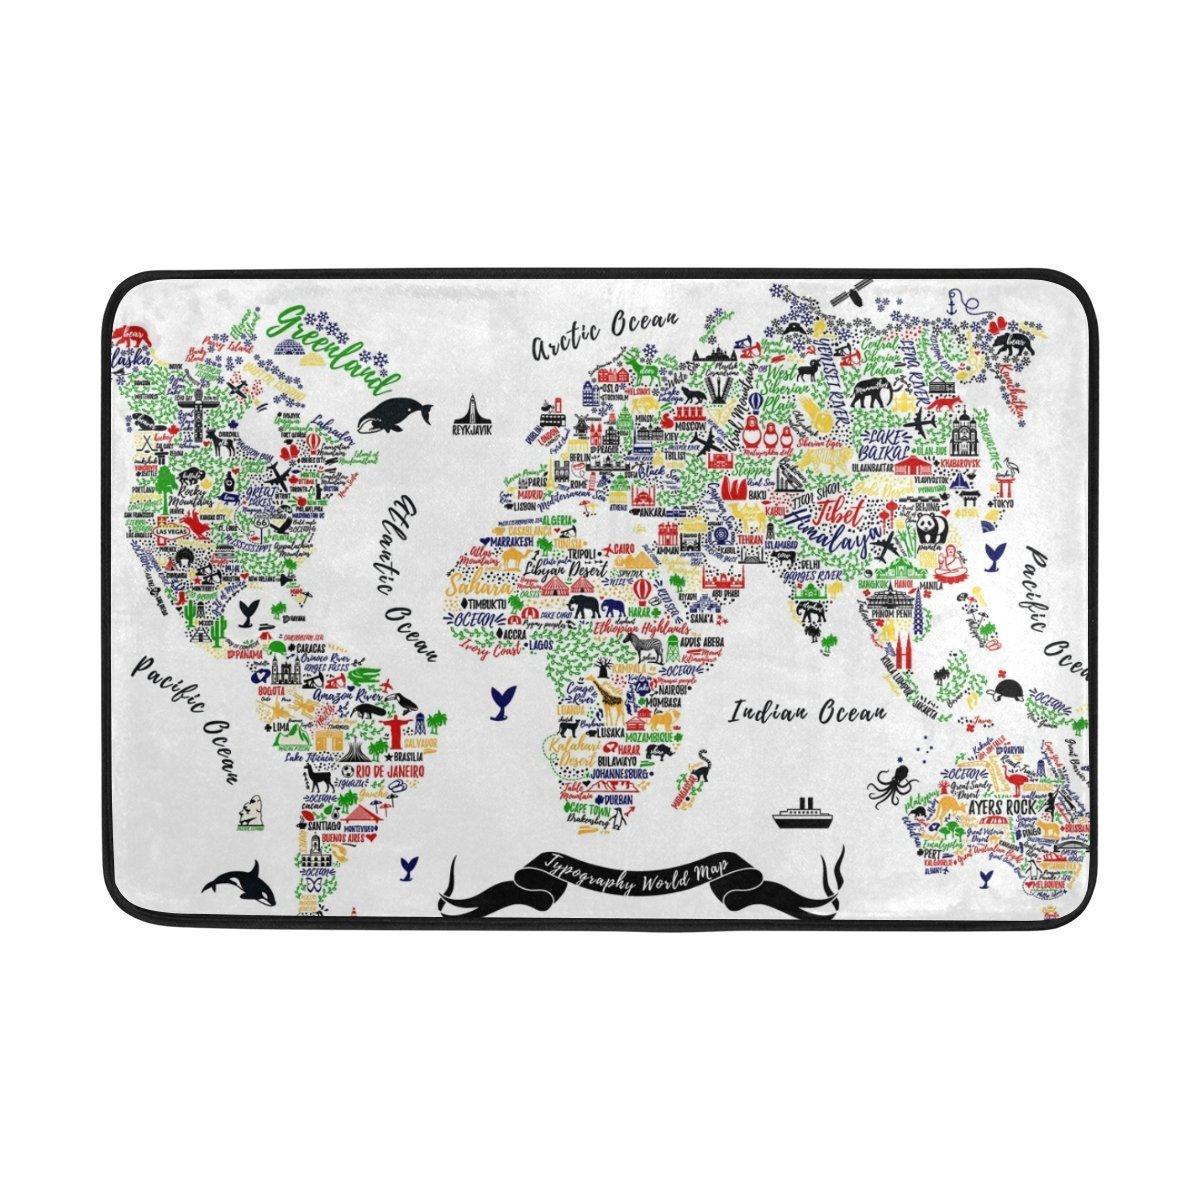 jstel mapa del mundo de viaje Póster Las Ciudades Y Turismo ATT lavable Felpudo para interiores/al aire libre jardín oficina Felpudo, cocina comedor pasillo ...